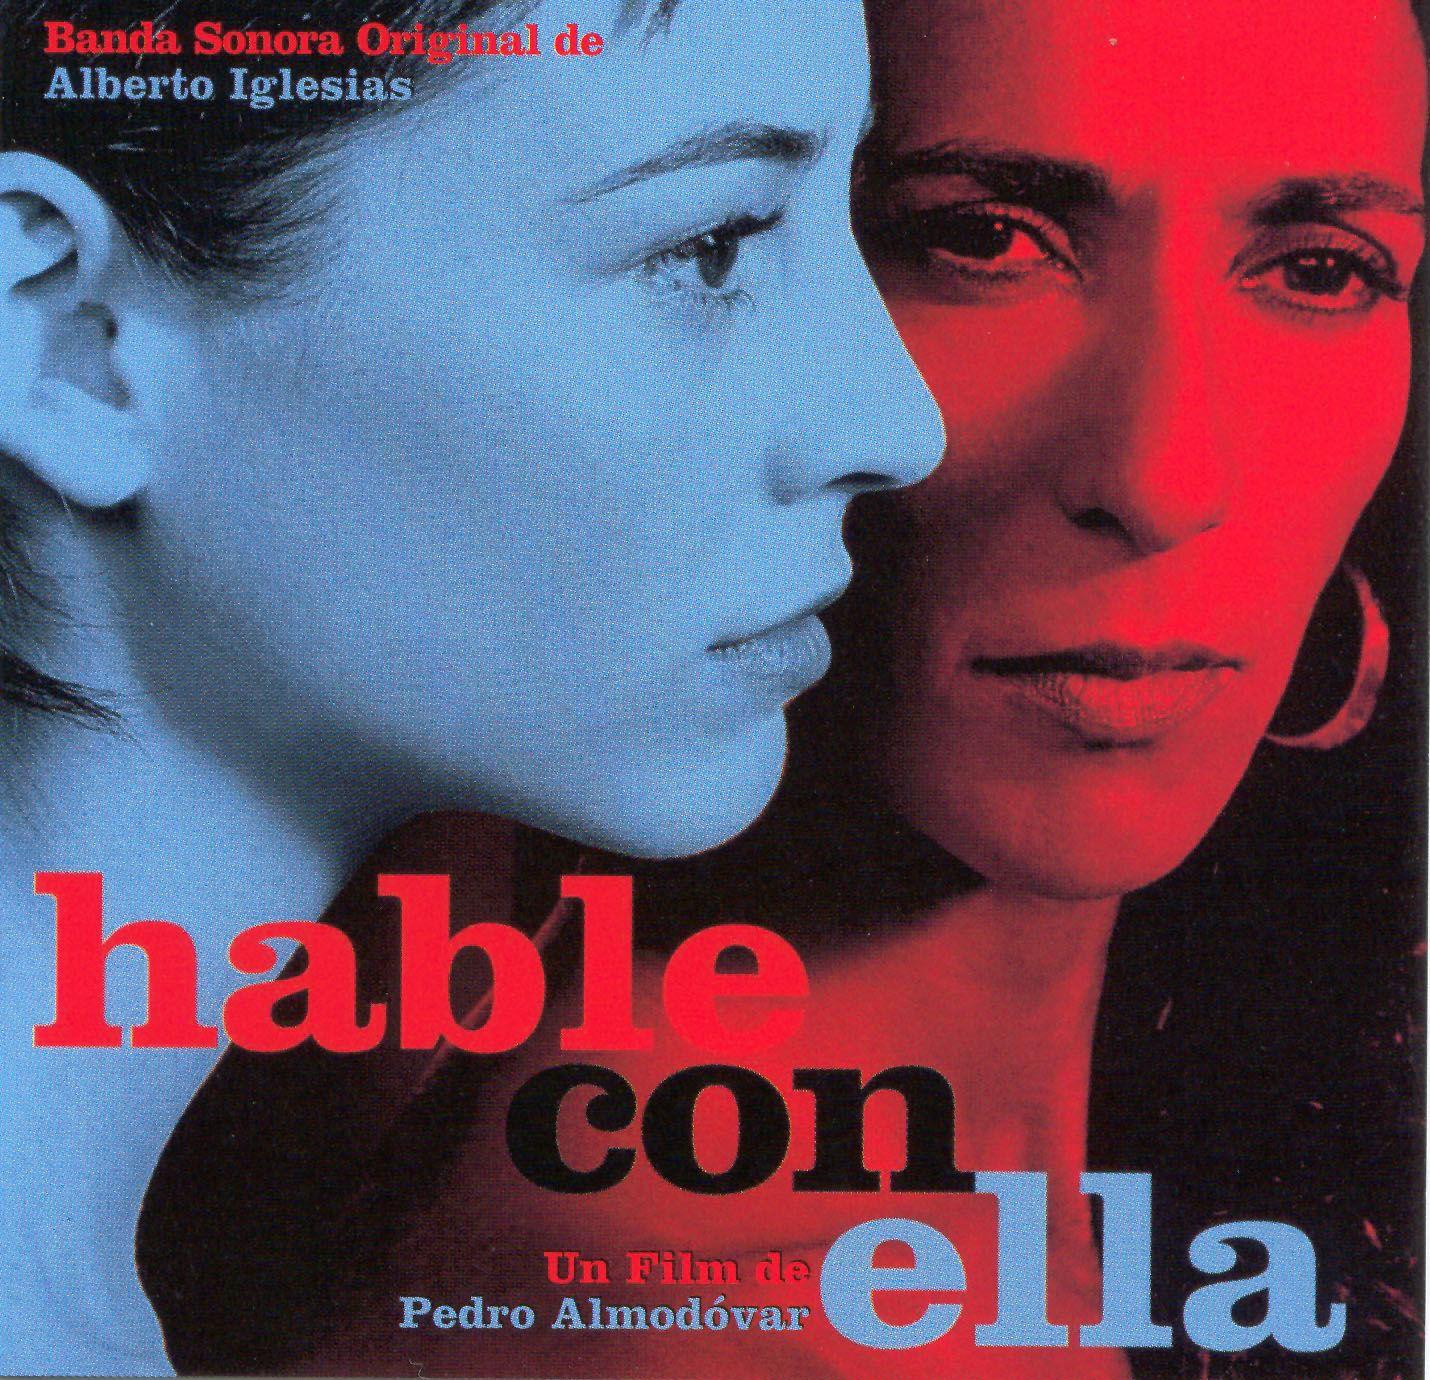 Hable con Ella (2002), Pedro Almodovar Film